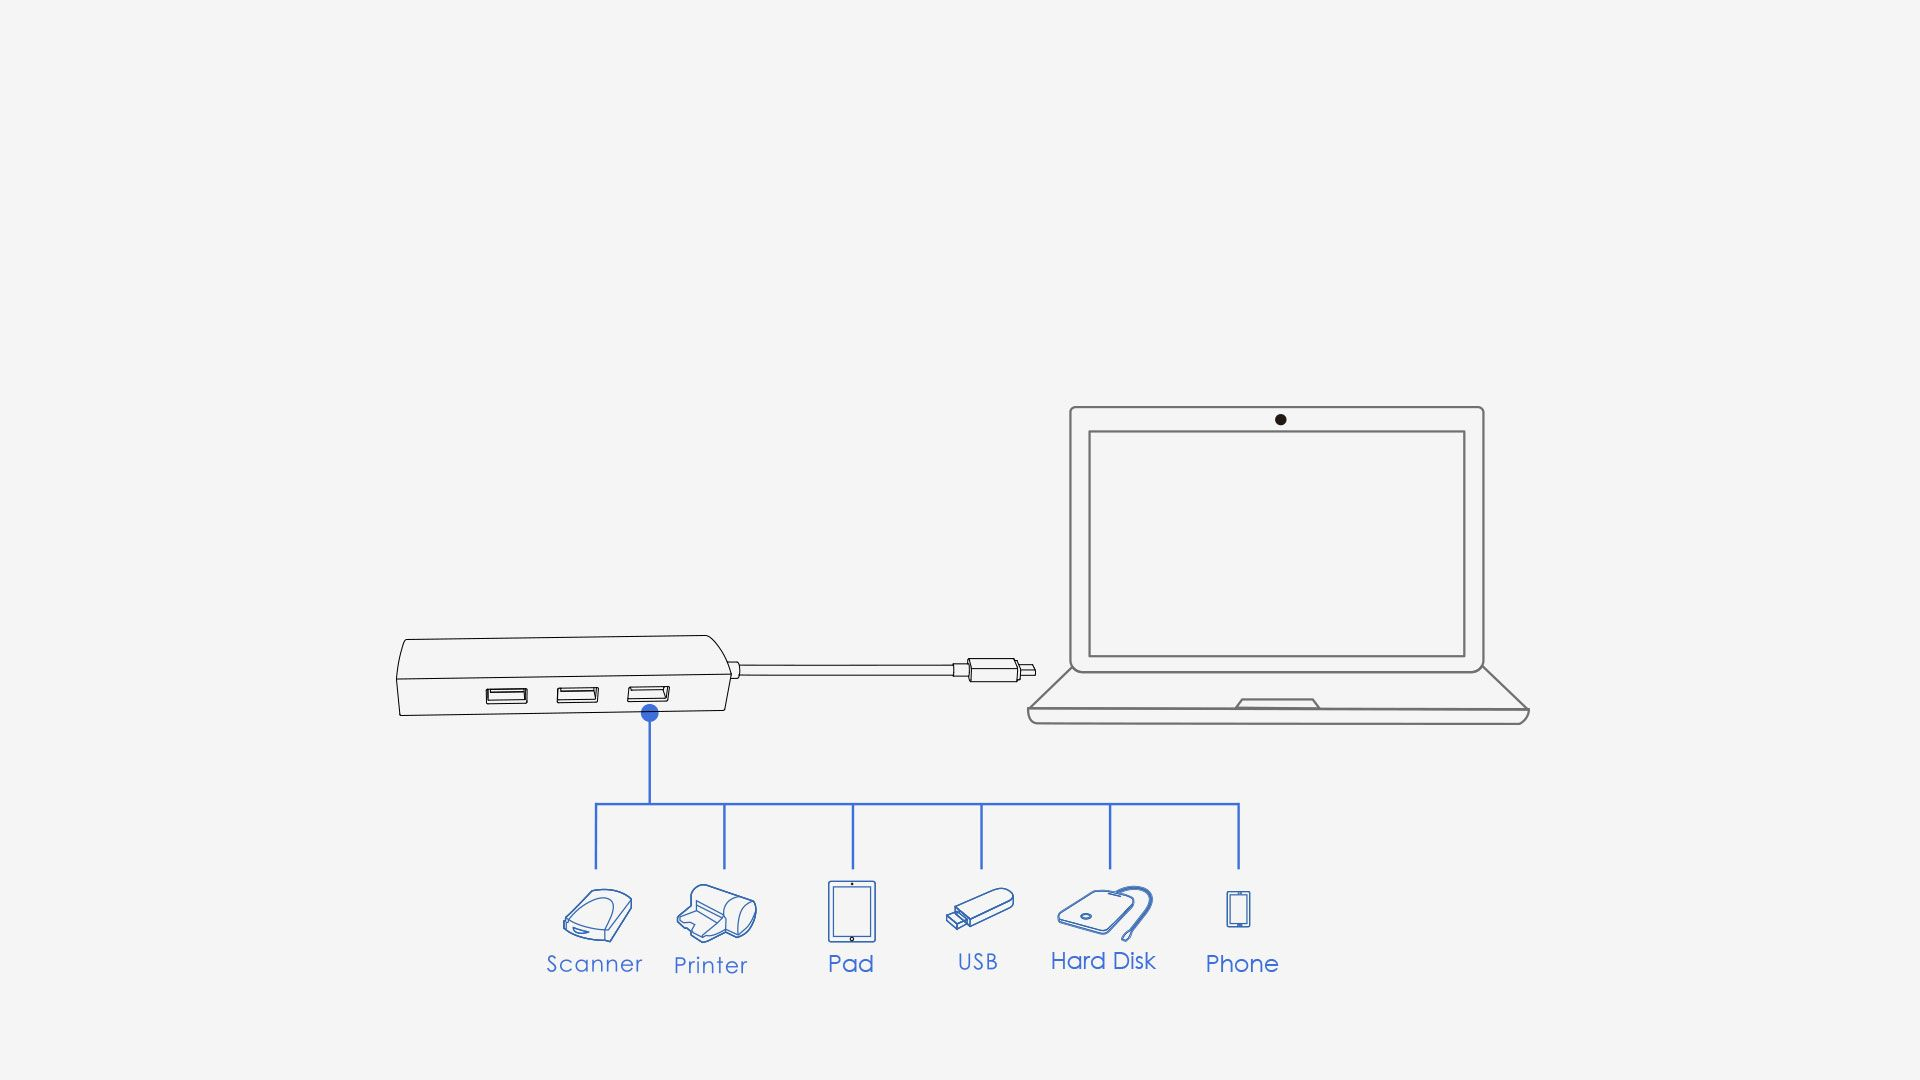 WAVLINK SUPERSPEED USB-C 4-PORT HUB WITH GIGABIT ETHERNET 5 8